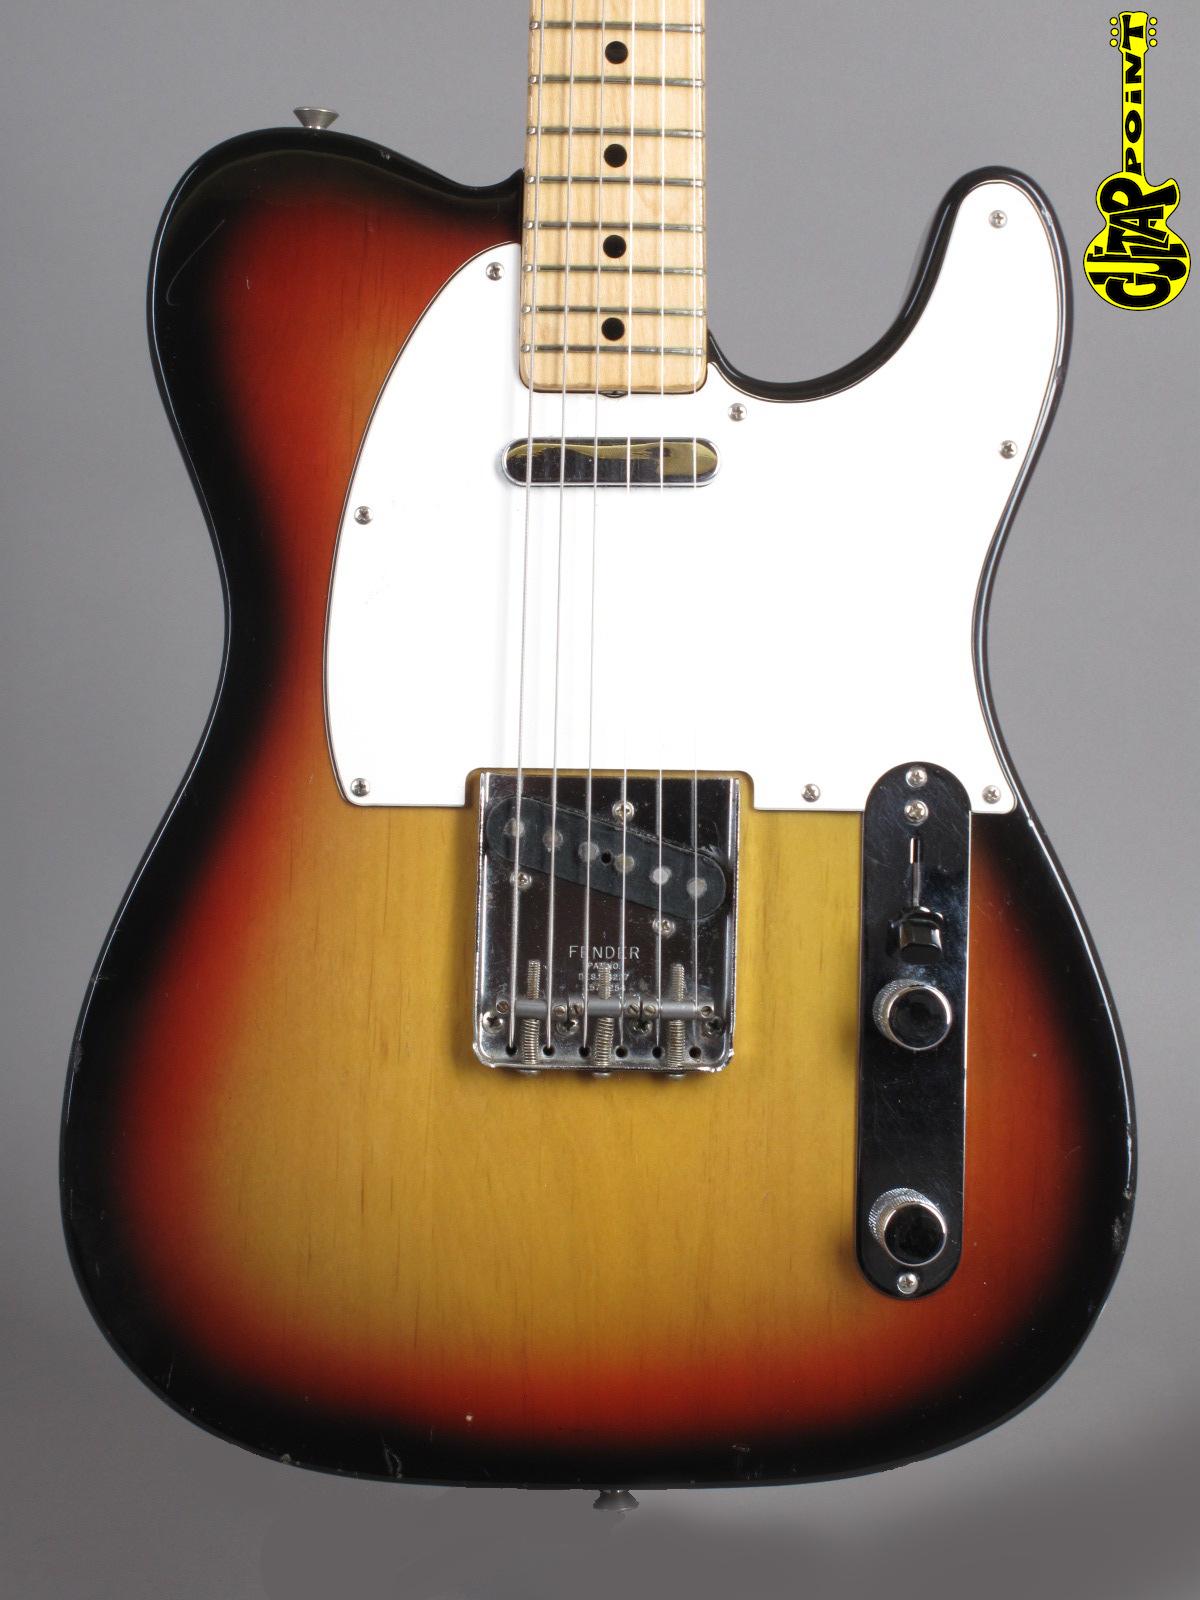 1971 Fender Telecaster - Sunburst - Rare!